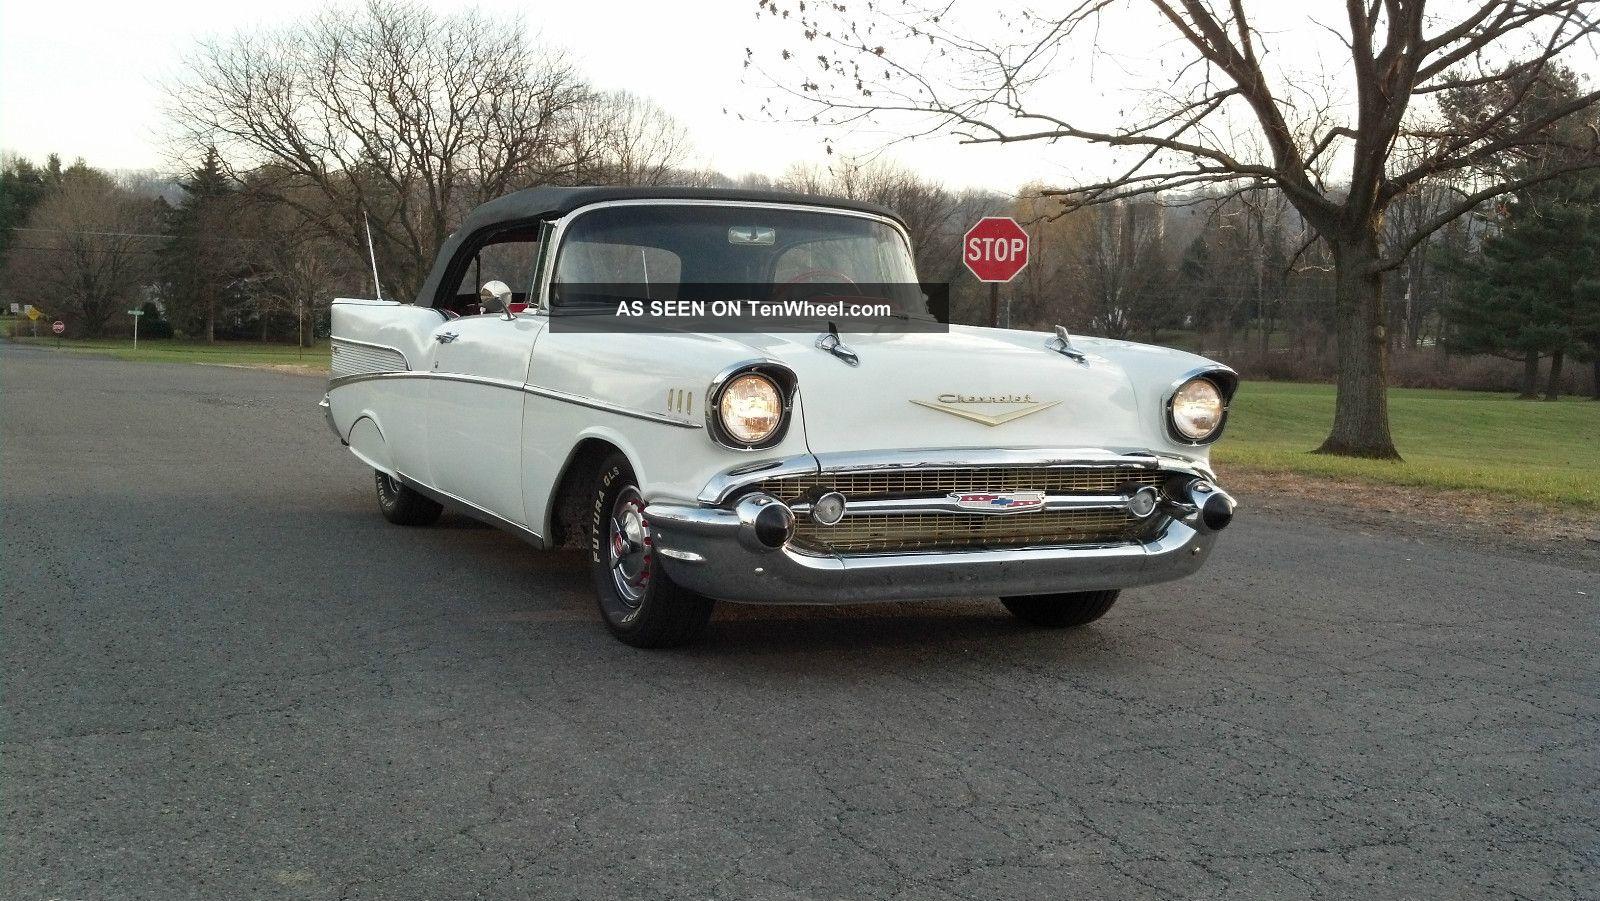 1957 Chevy Chevrolet 57 Belair Convertible 210 150 2 Door White,  Black Top Bel Air/150/210 photo